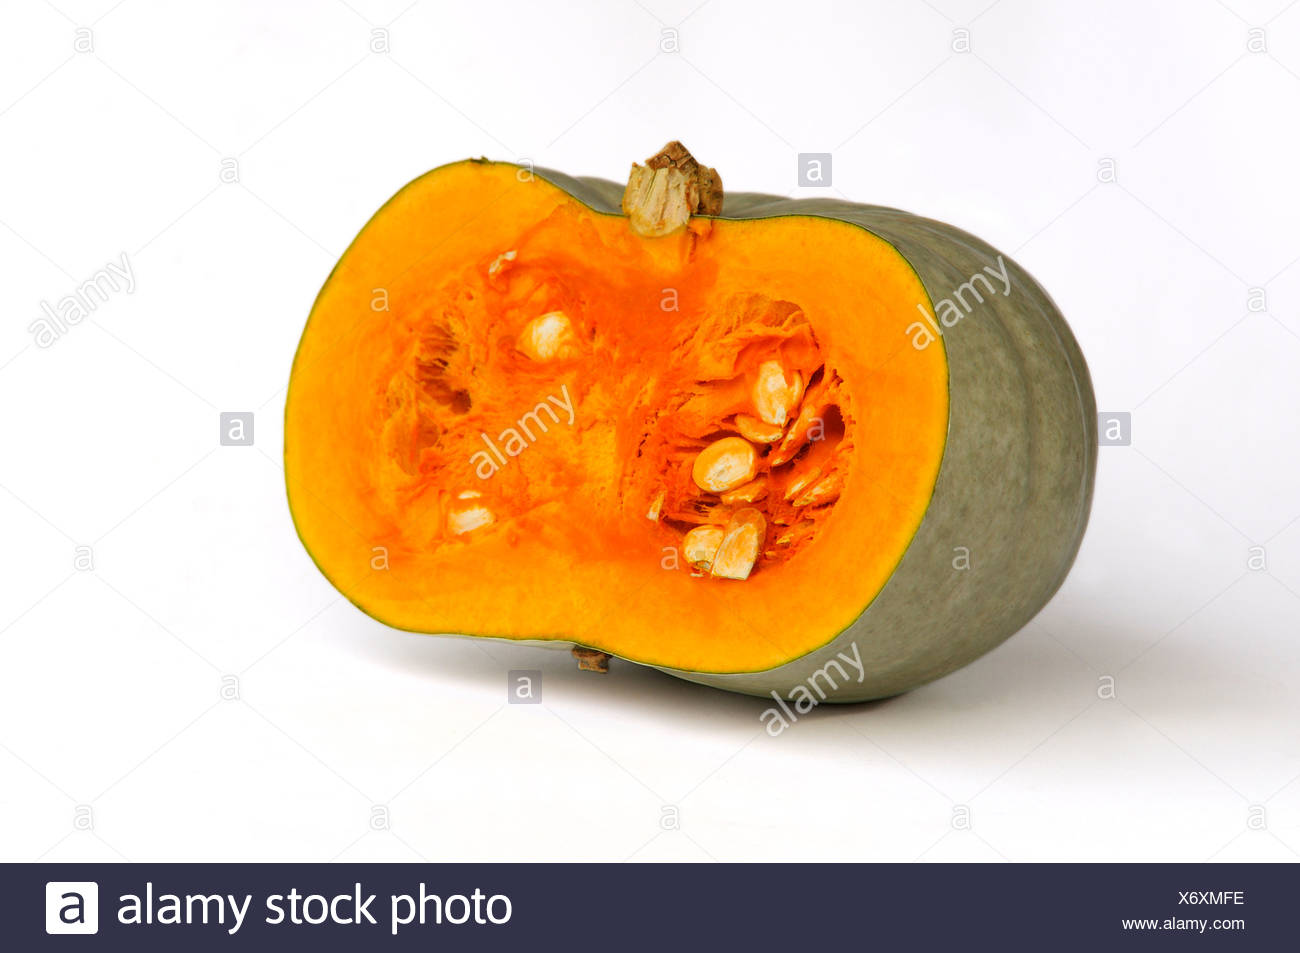 Pumpkin, squash, cut open, variety Bleu d'Hongrie - Stock Image